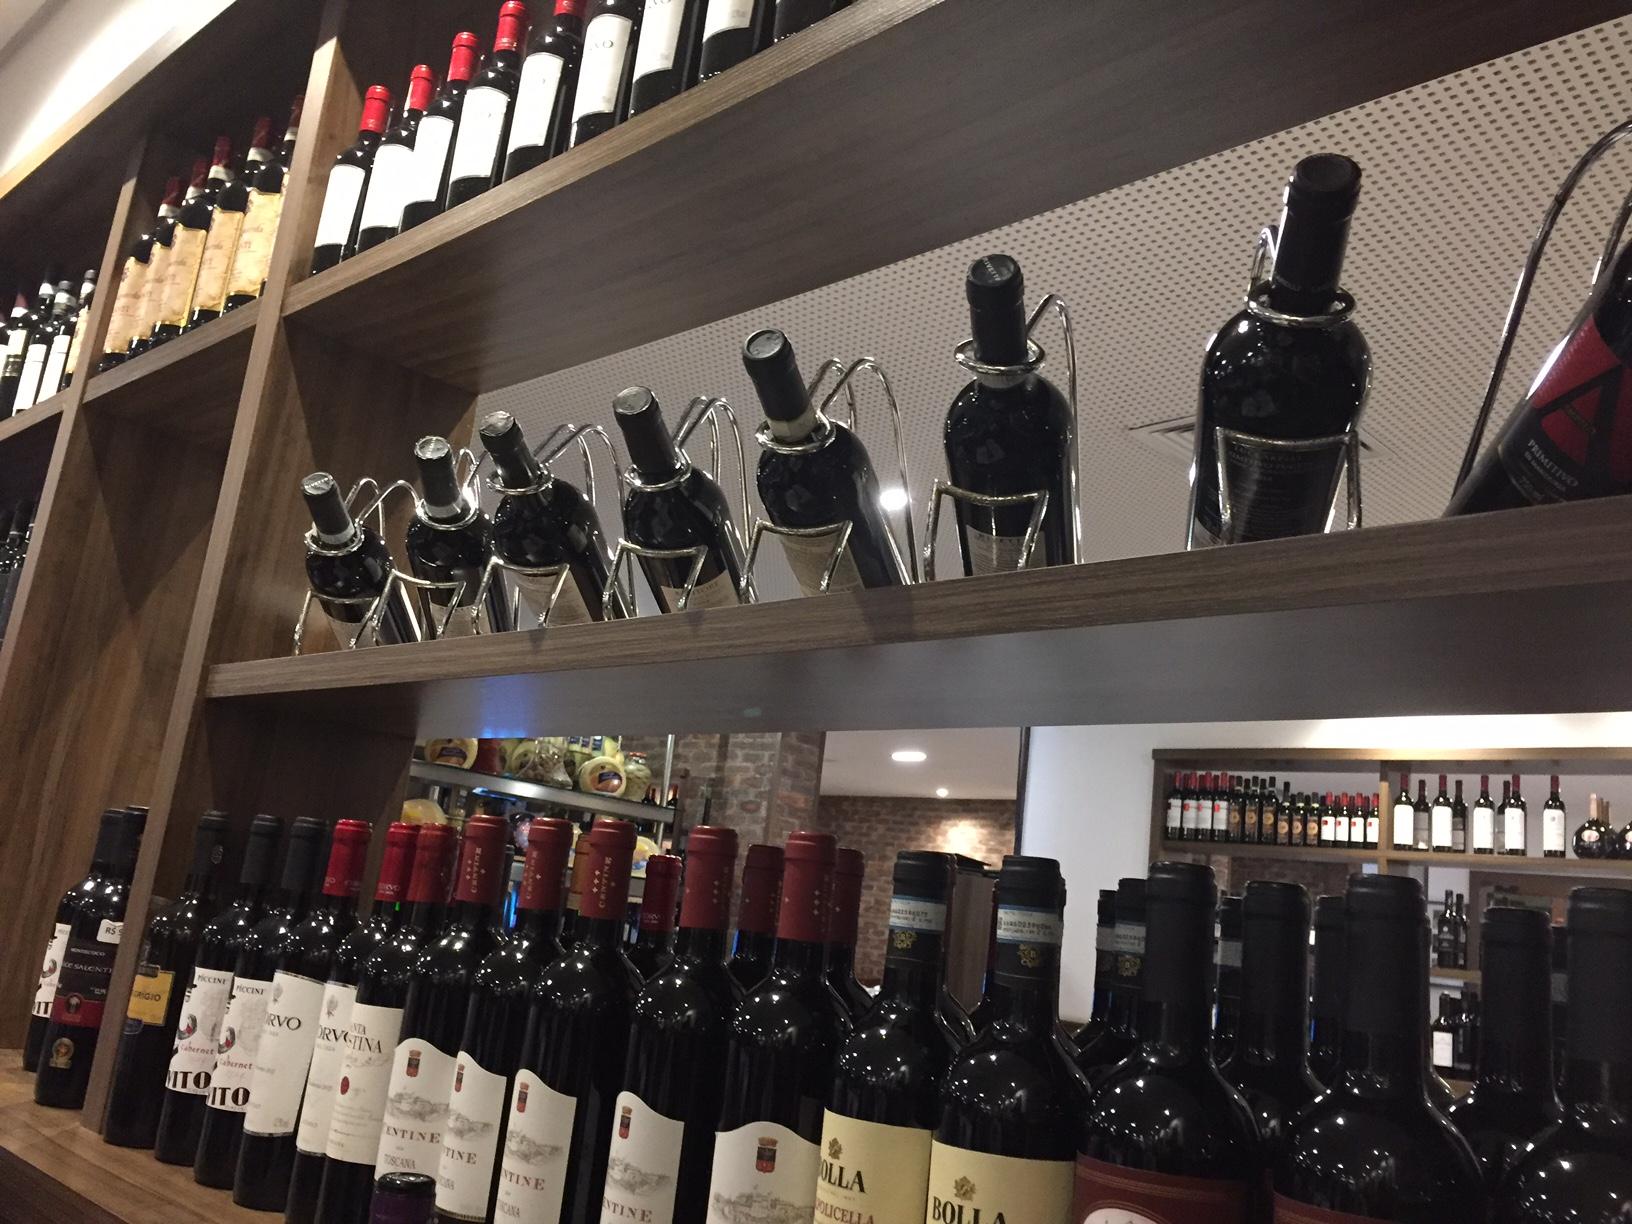 Carta de vinhos bem variada